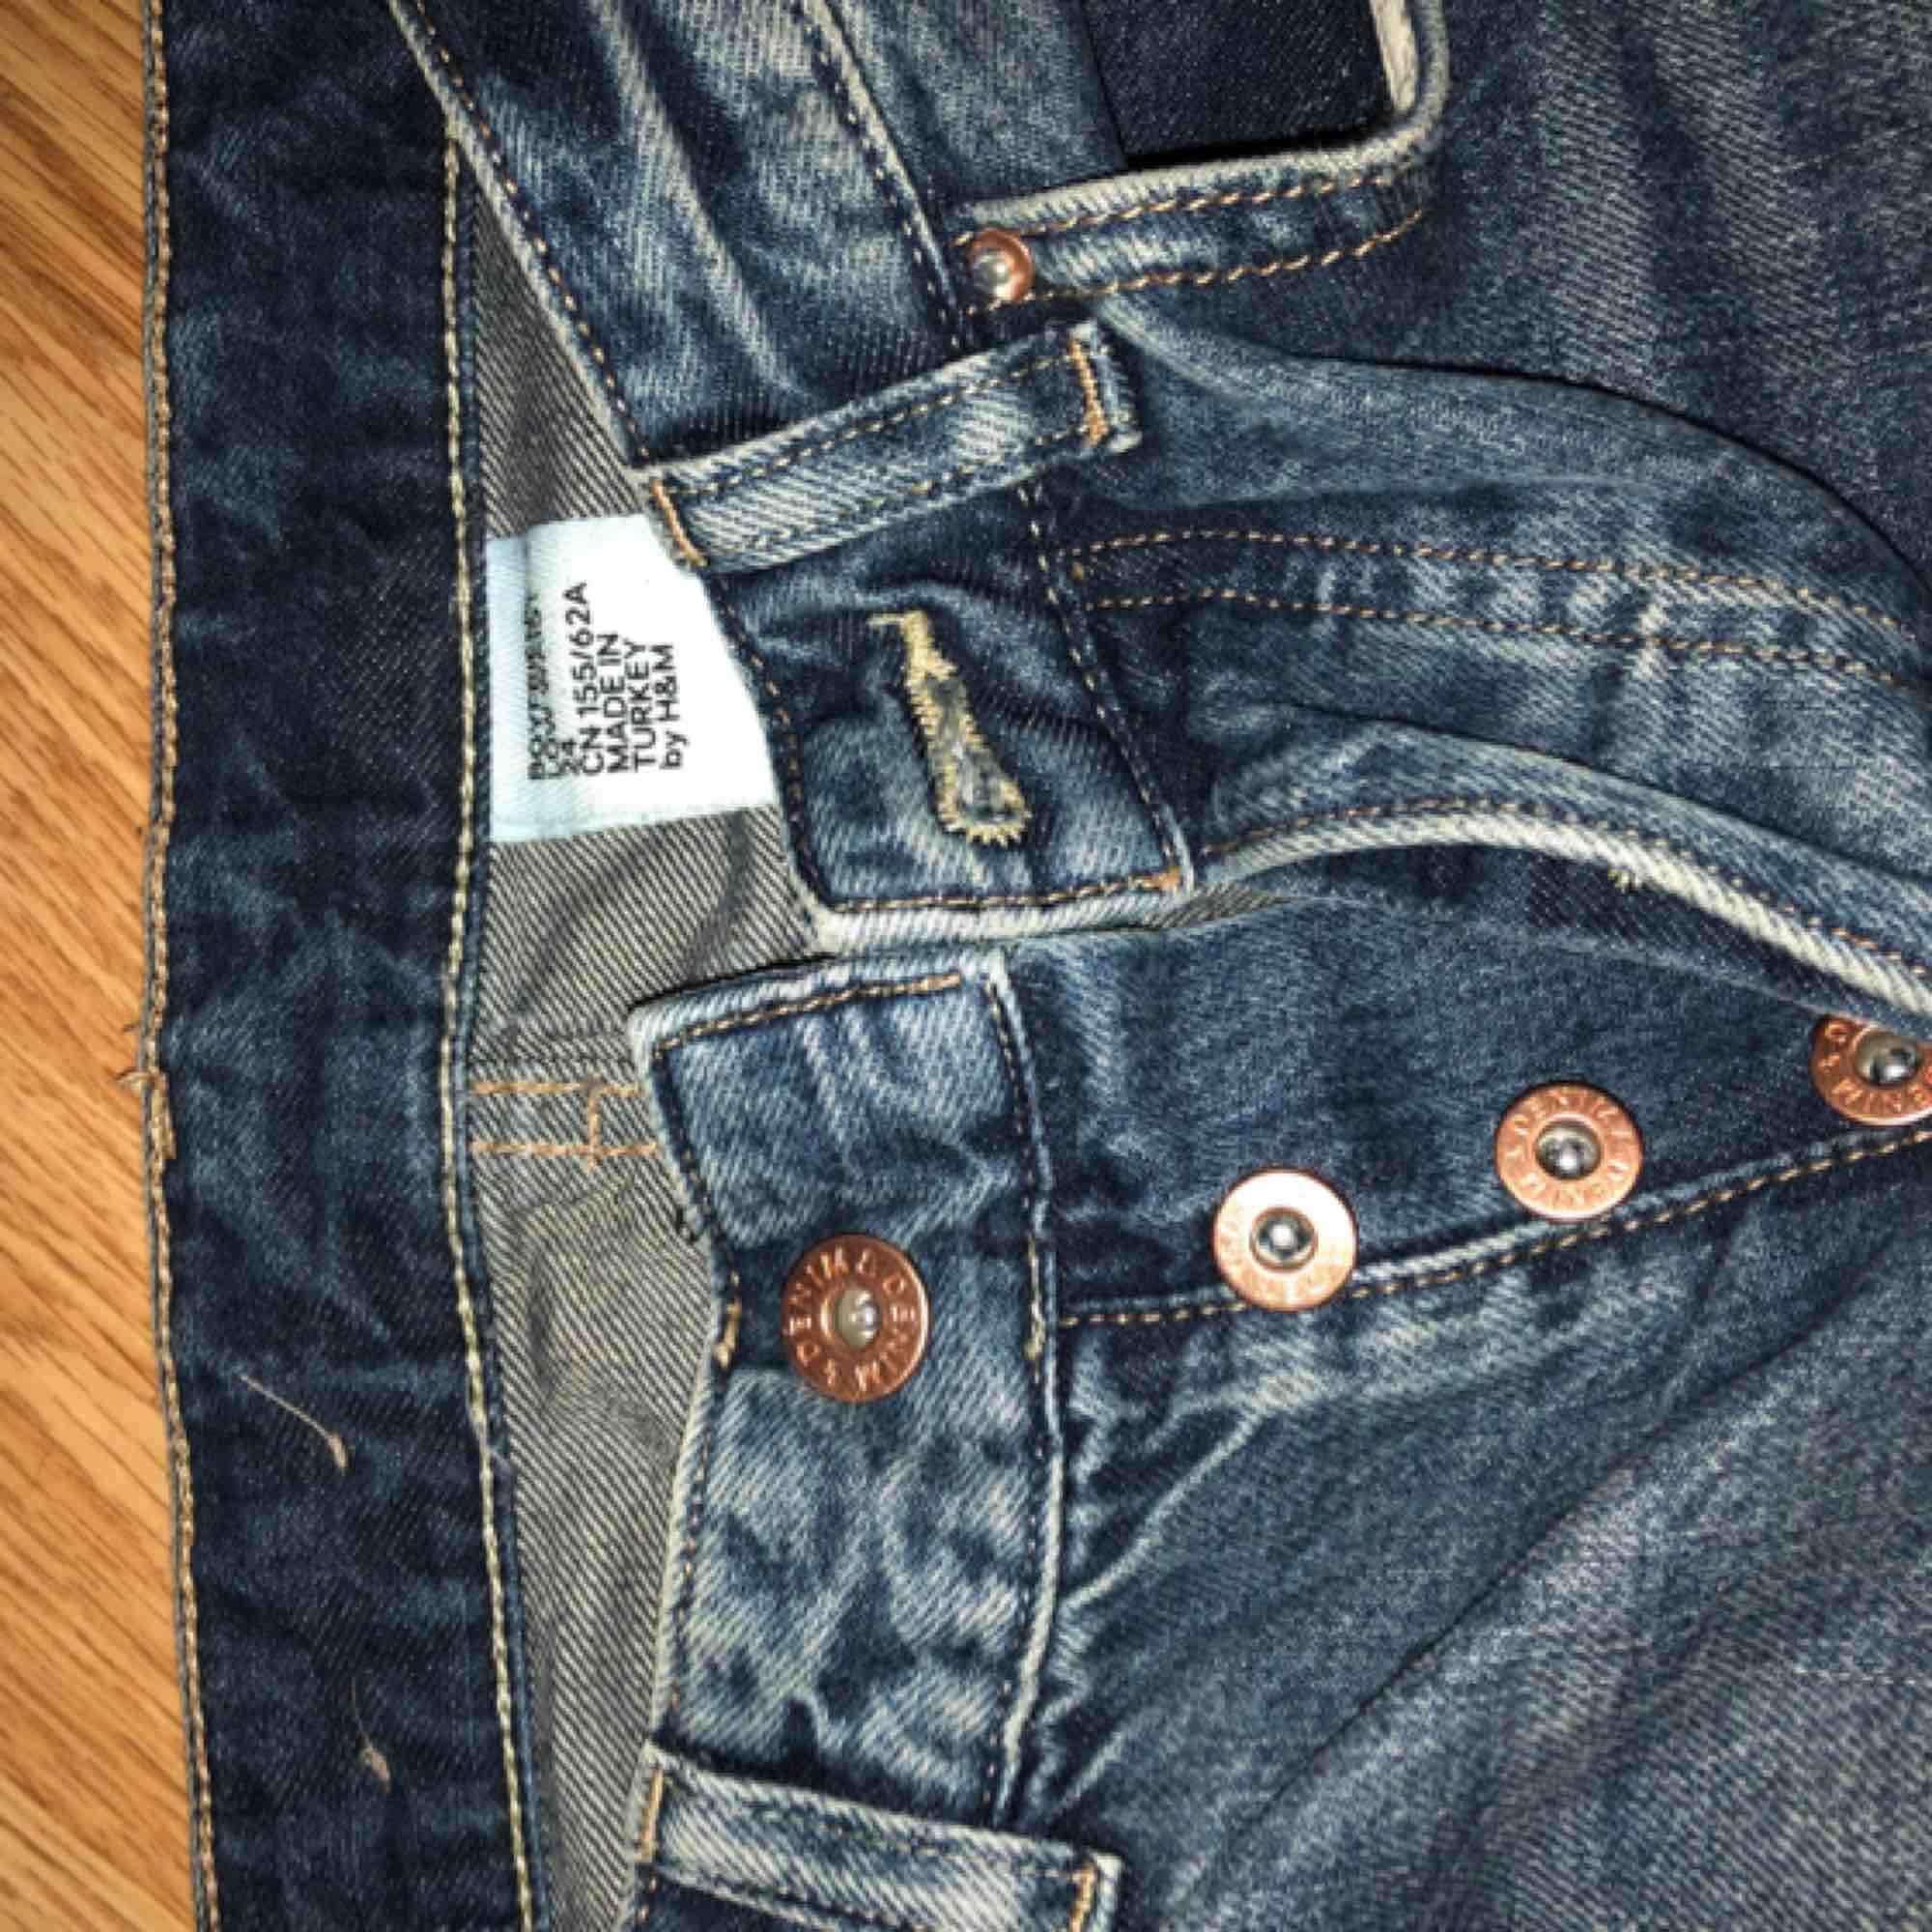 Slitna boyfriend jeans från hm, använda ett fåtal gånger, supersnygg passform med mellanhög midja, plus att rumpan blir fenomenal i dessa! ;) Storlek: XS/24 Skickar mot frakt eller så möts vi i centrala Sthlm. Jeans & Byxor.